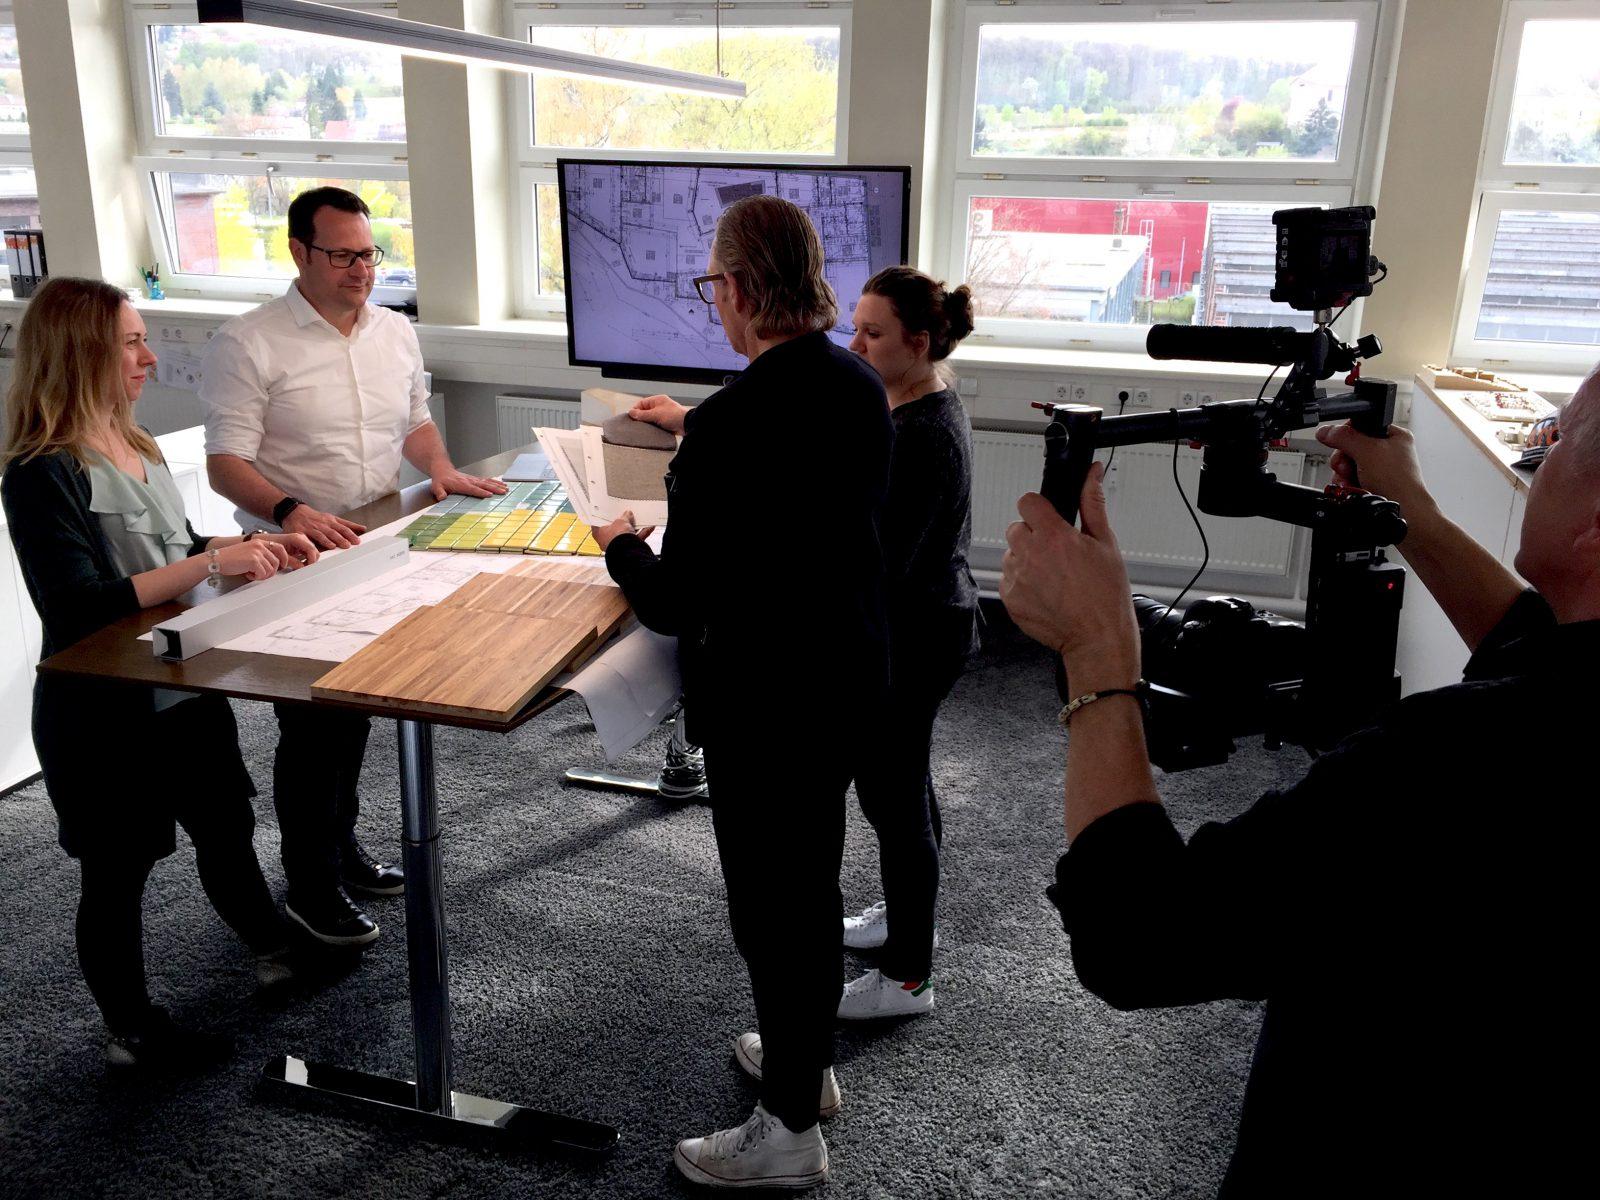 Relativ Das Planungsbüro in Szene setzen – so entsteht ein Unternehmensfilm TB12